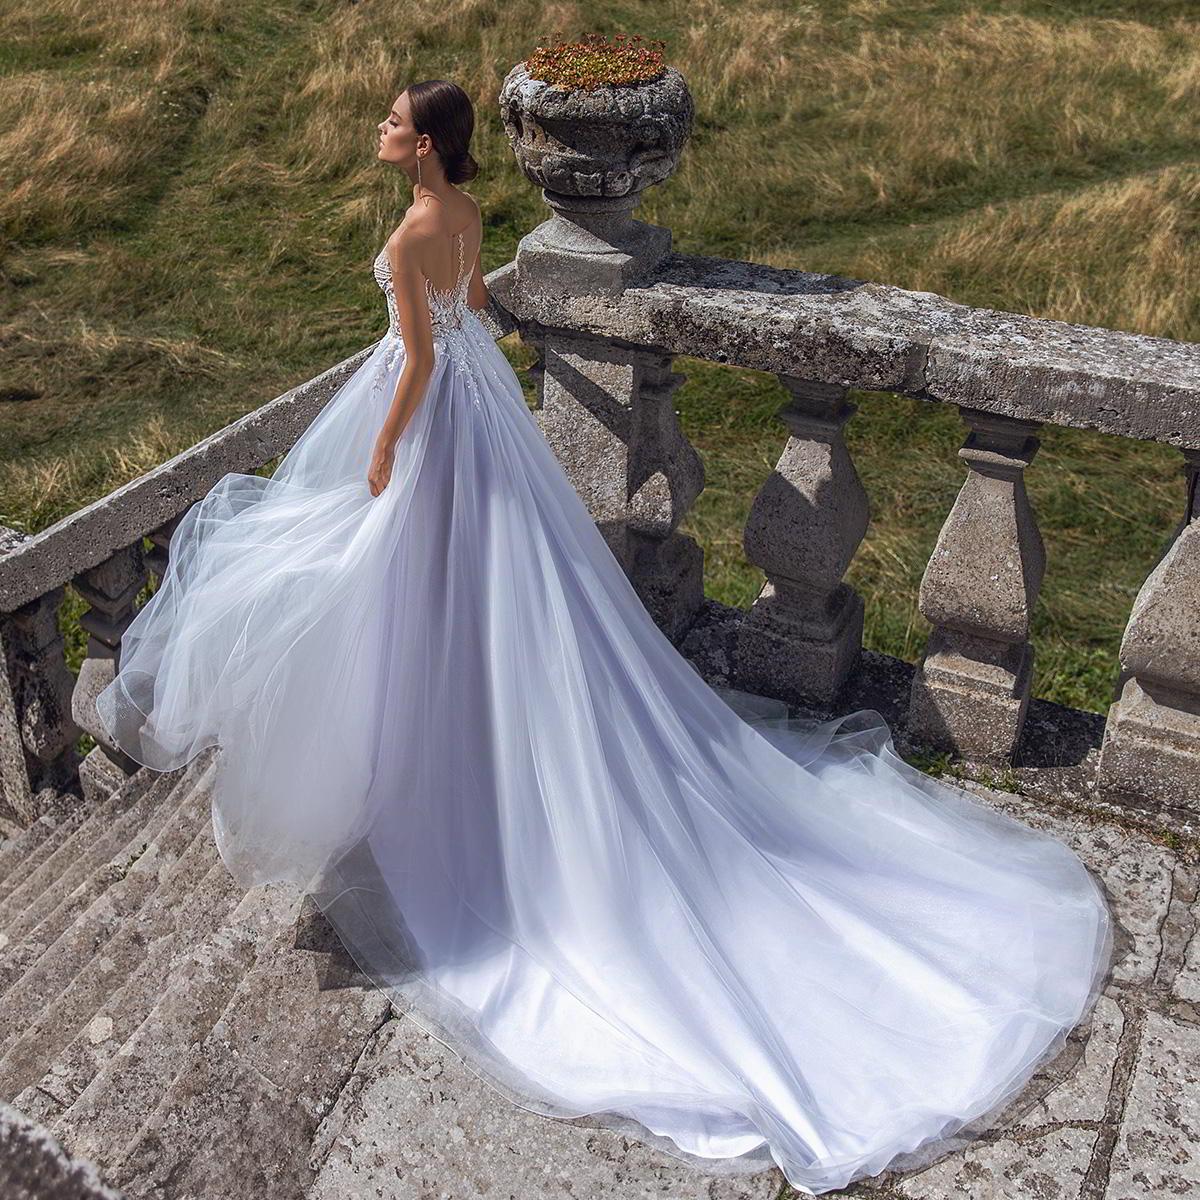 Ari Villoso Tones 2020 Wedding Dresses